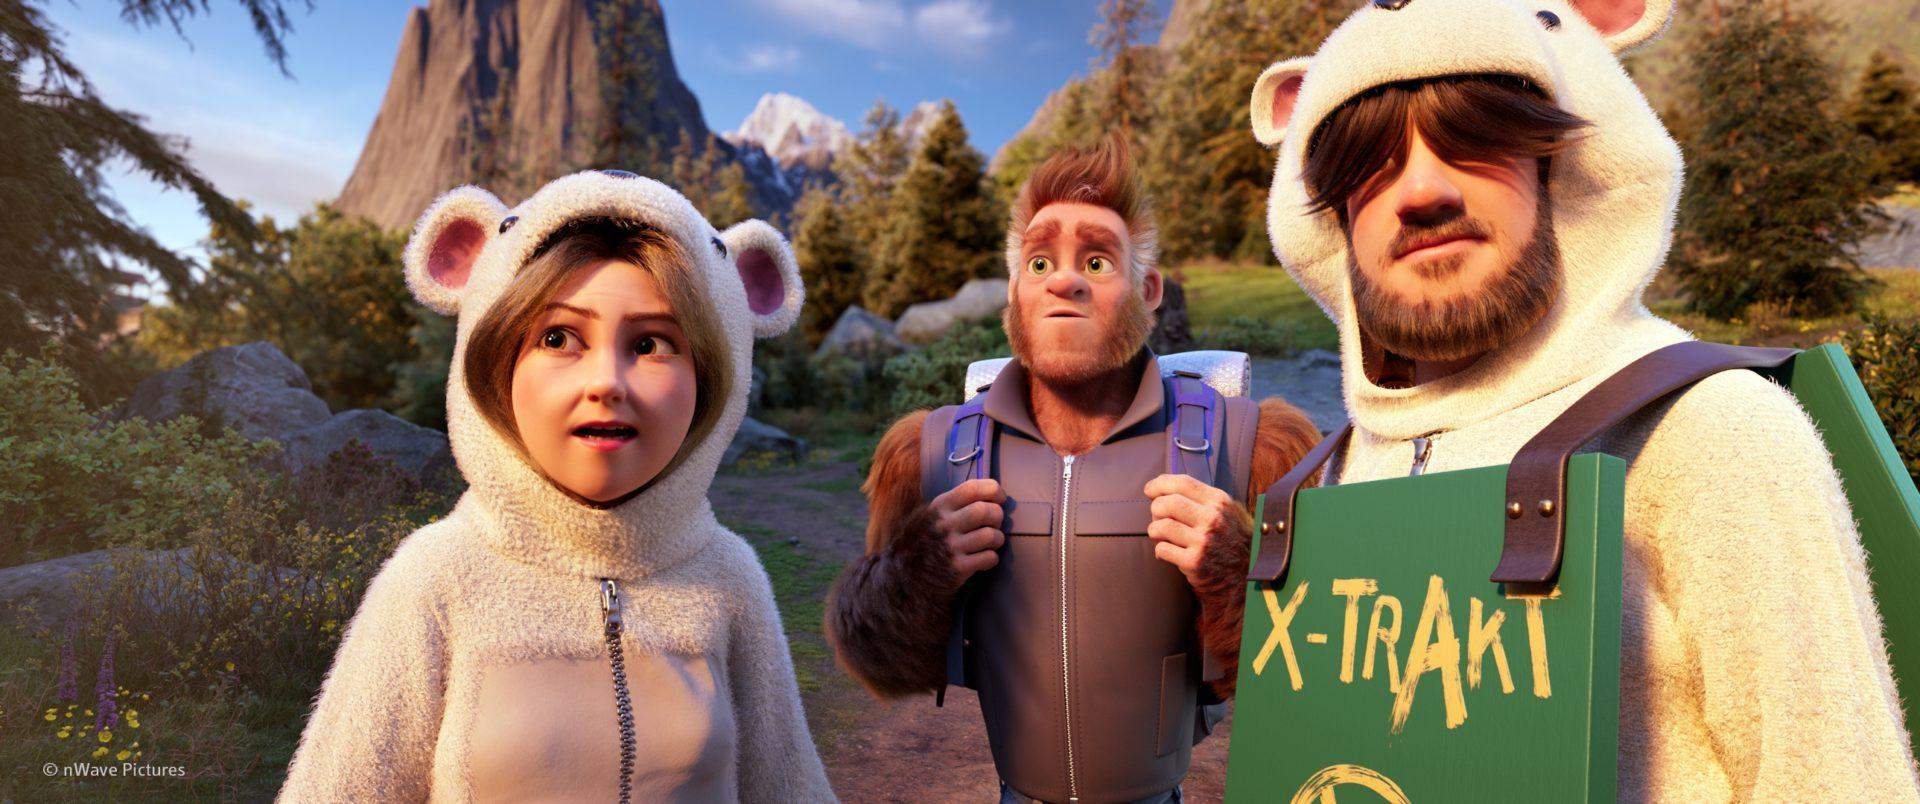 網友盛讚比《冰雪奇緣》更好看 《森林特攻隊:大腳丫家族》親子滿意度破表